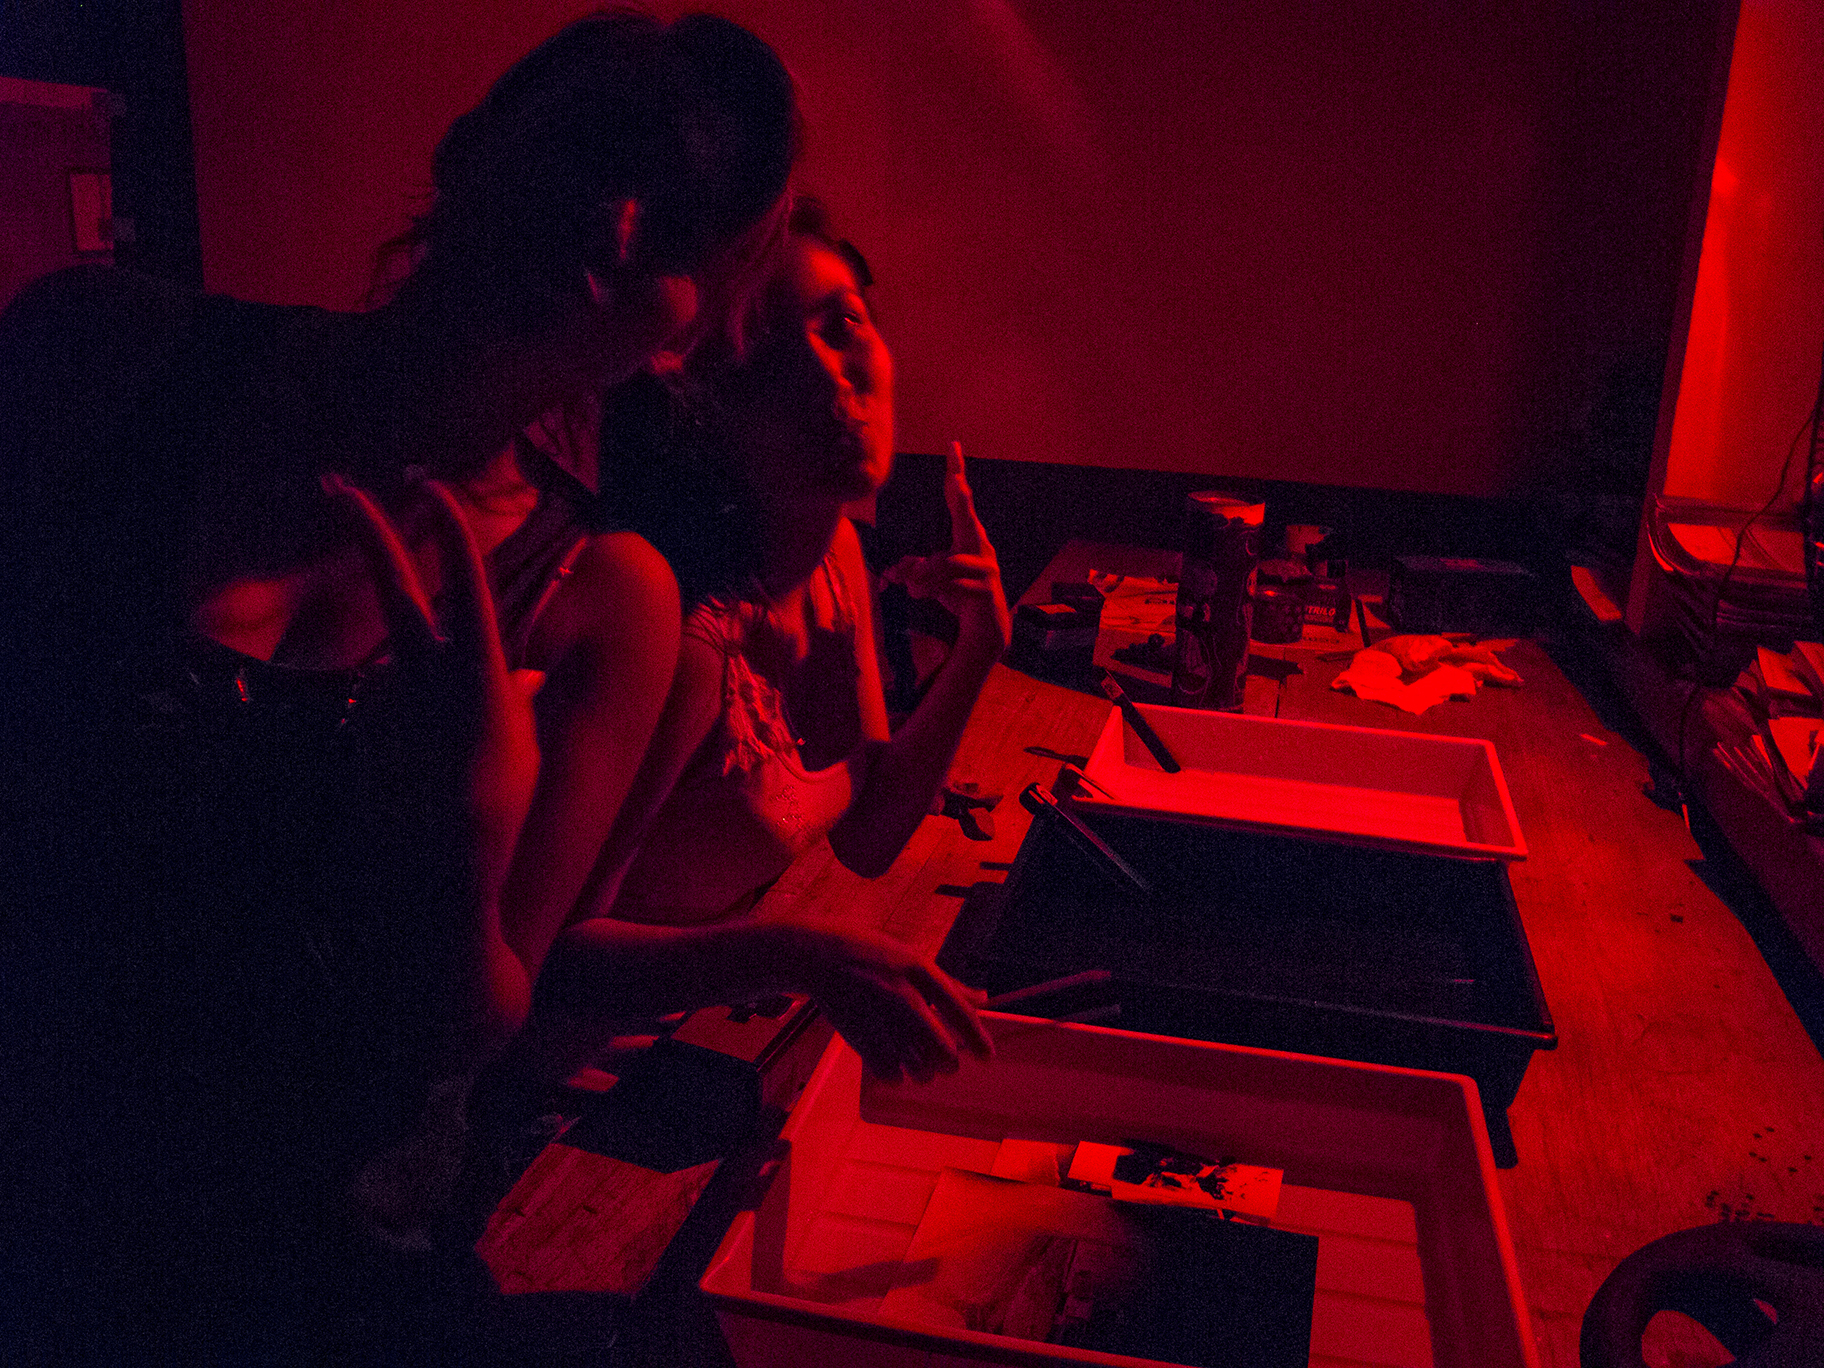 cuarto oscuro 002_5.jpg